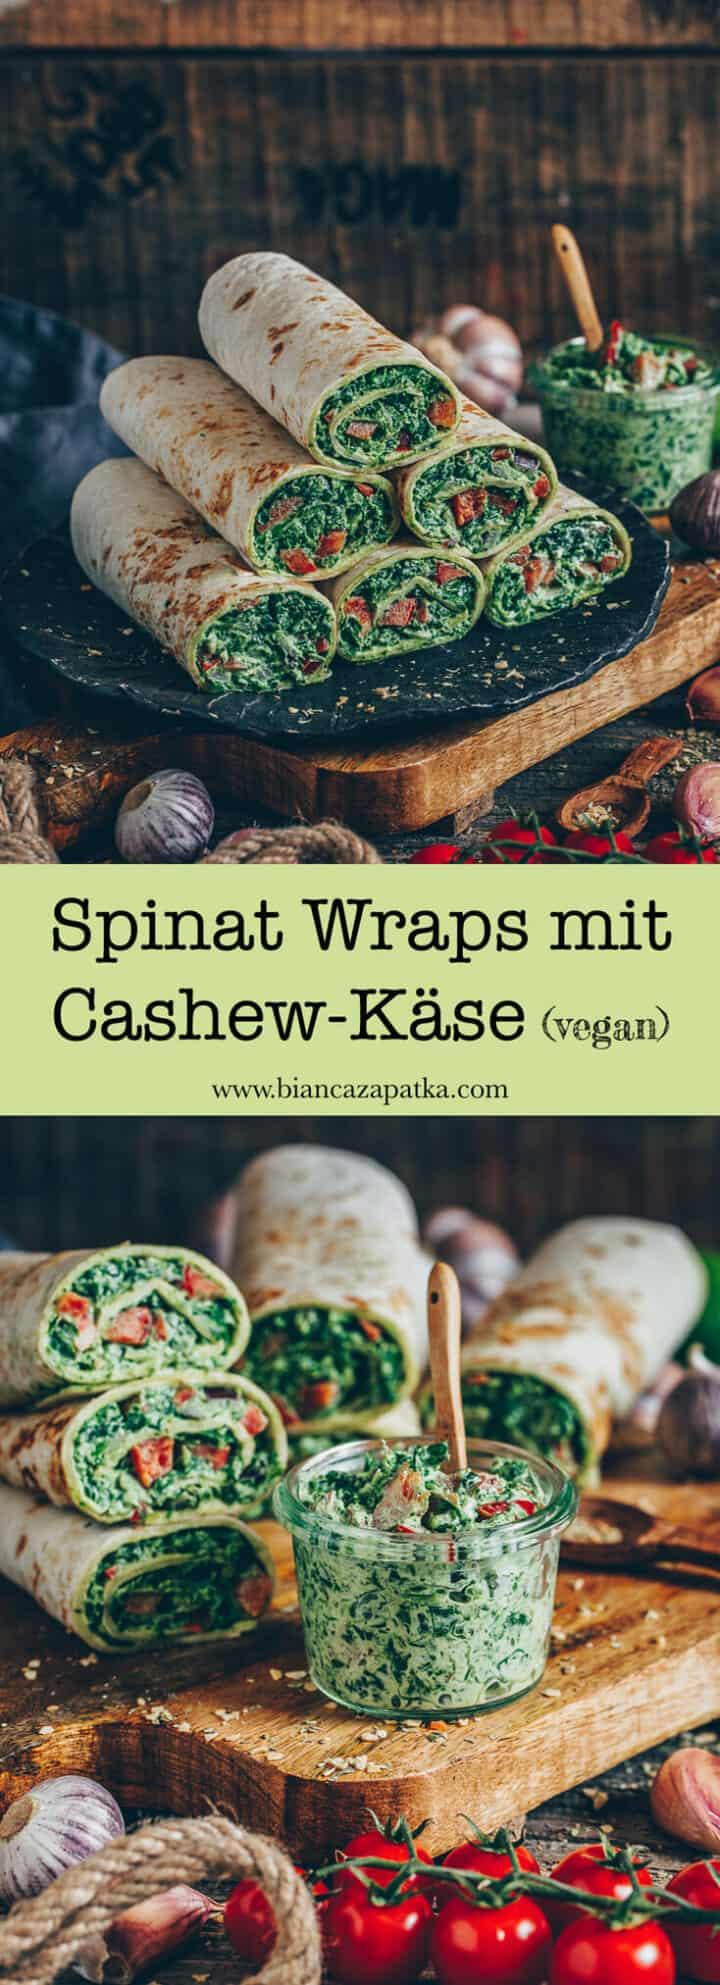 Ein einfaches Rezept für Spinat Wraps mit Paprika und veganem Cashew-Käse. Sie sind lecker, gesund und perfekt als Snack für zwischendurch oder als schnelles Mittag- oder Abendessen. Sie eignen sich auch prima zum Mitnehmen oder als Partysnack.